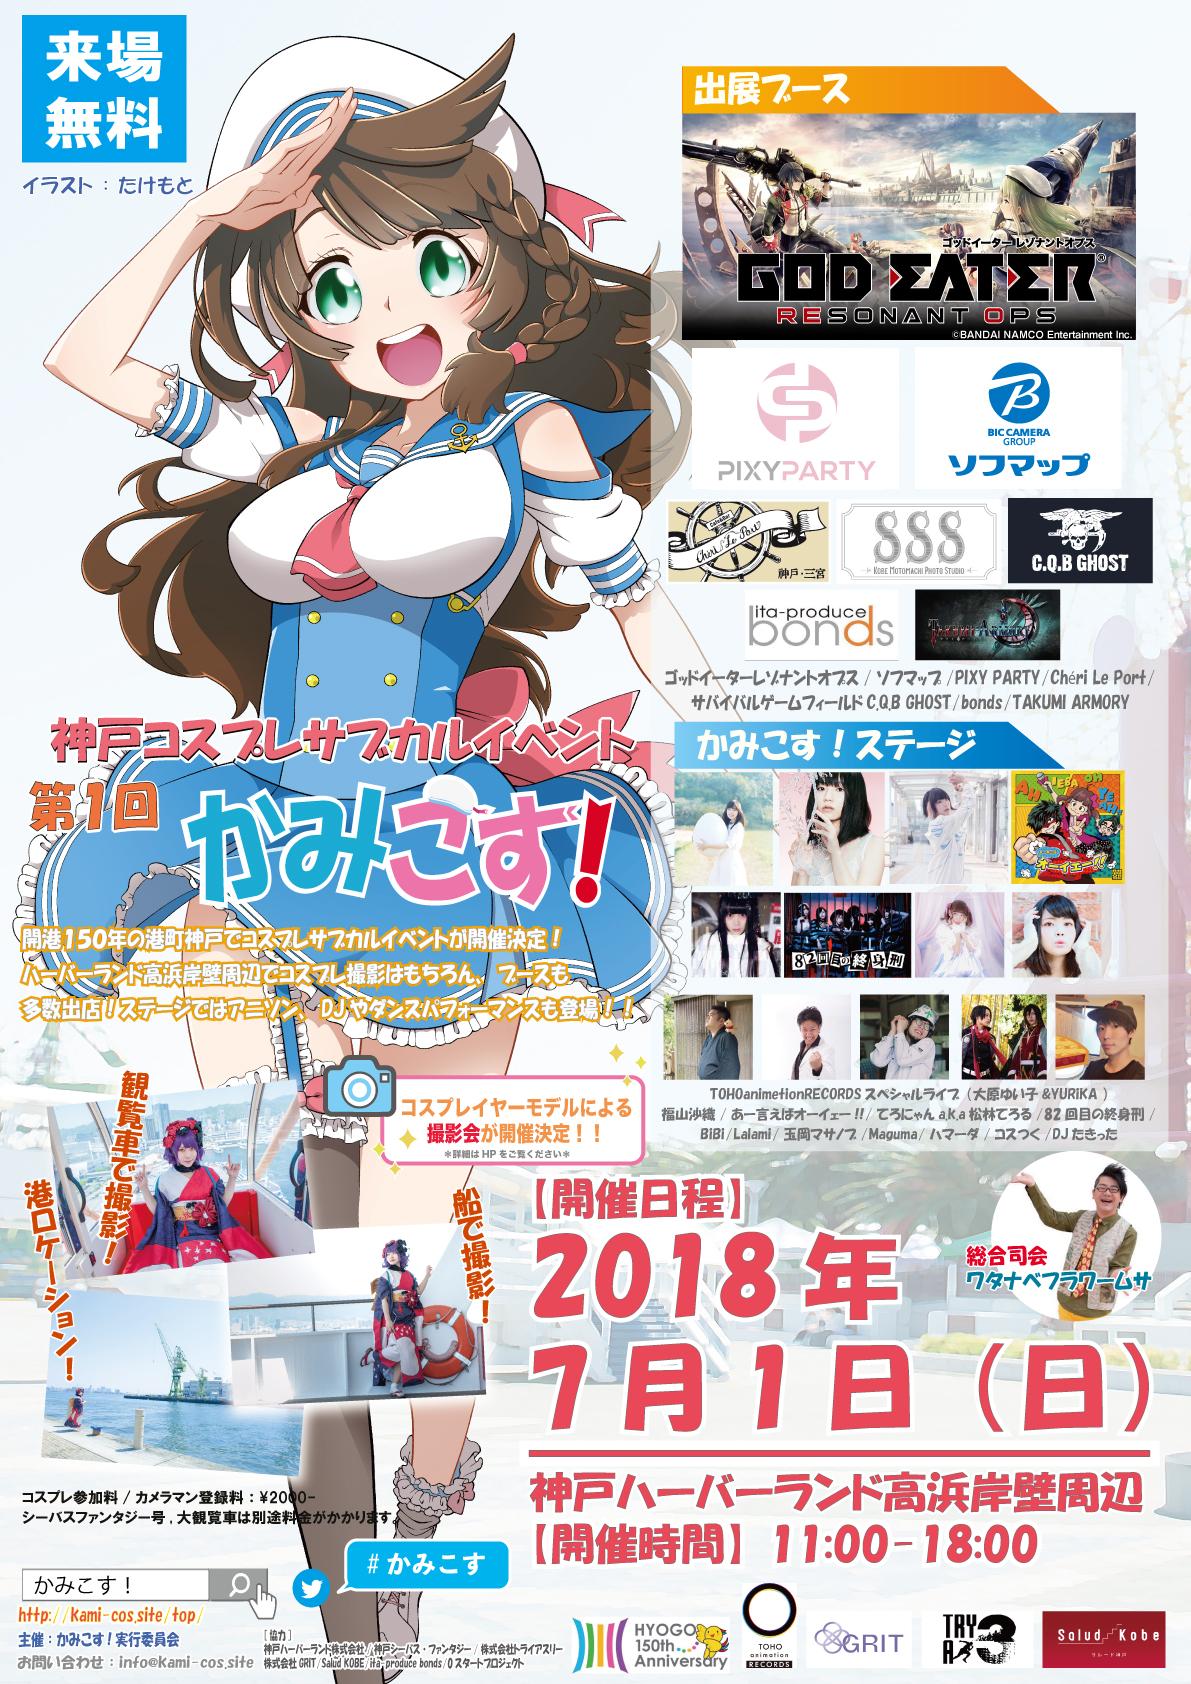 神戸コスプレサブカルイベント「第1回 かみこす!」が7月1日(日)、神戸ハーバーランドで開催されるよ! #かみこす #コスプレ #サブカル